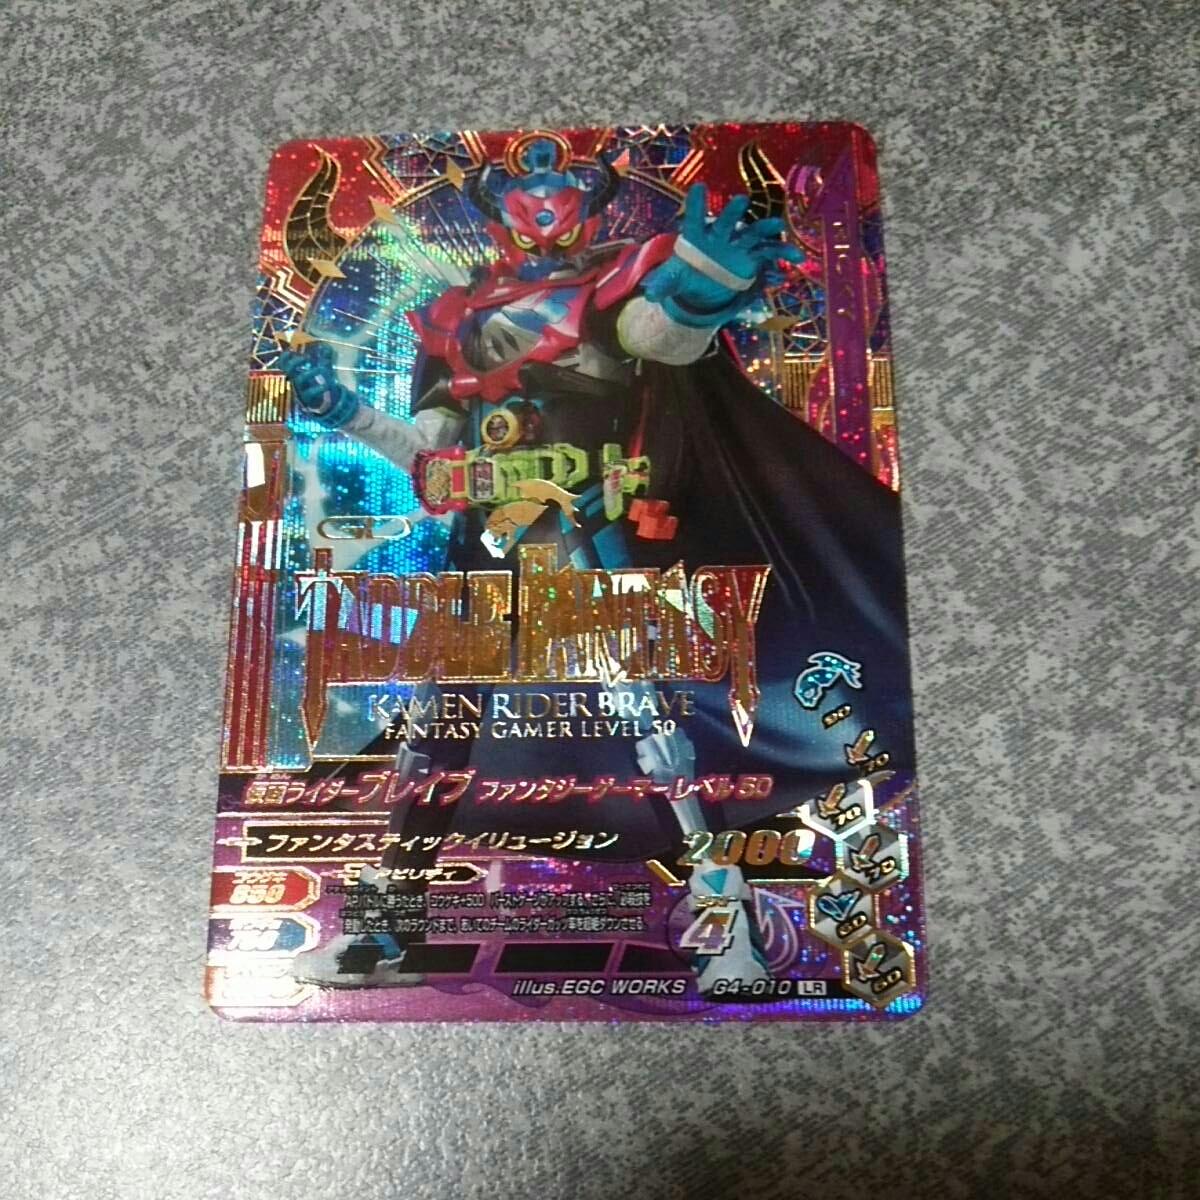 【完全美品 】新品未使用 ガンバライジング 仮面ライダー ブレイブ G4-010 LR 希少 (対象)